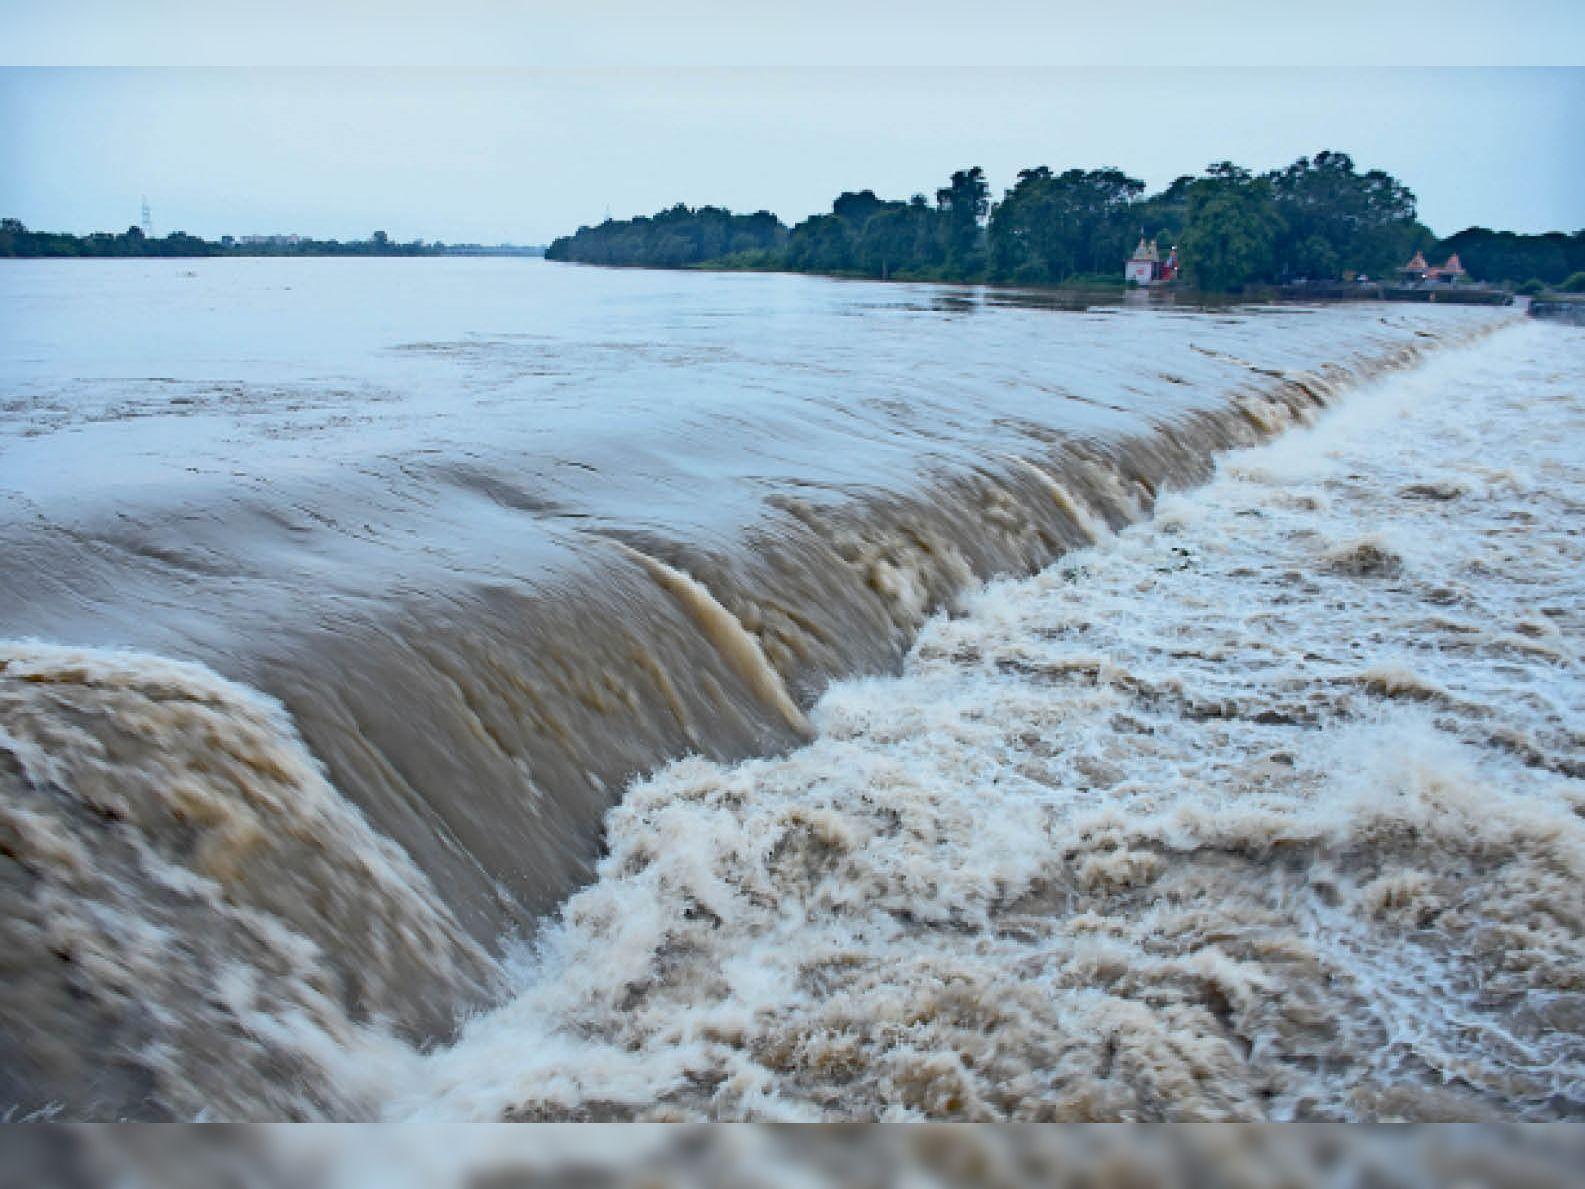 तस्वीर मंगलवार शाम की है। लगातार बारिश के कारण शिवनाथ नदी का जलस्तर बढ़ गया है। - Dainik Bhaskar